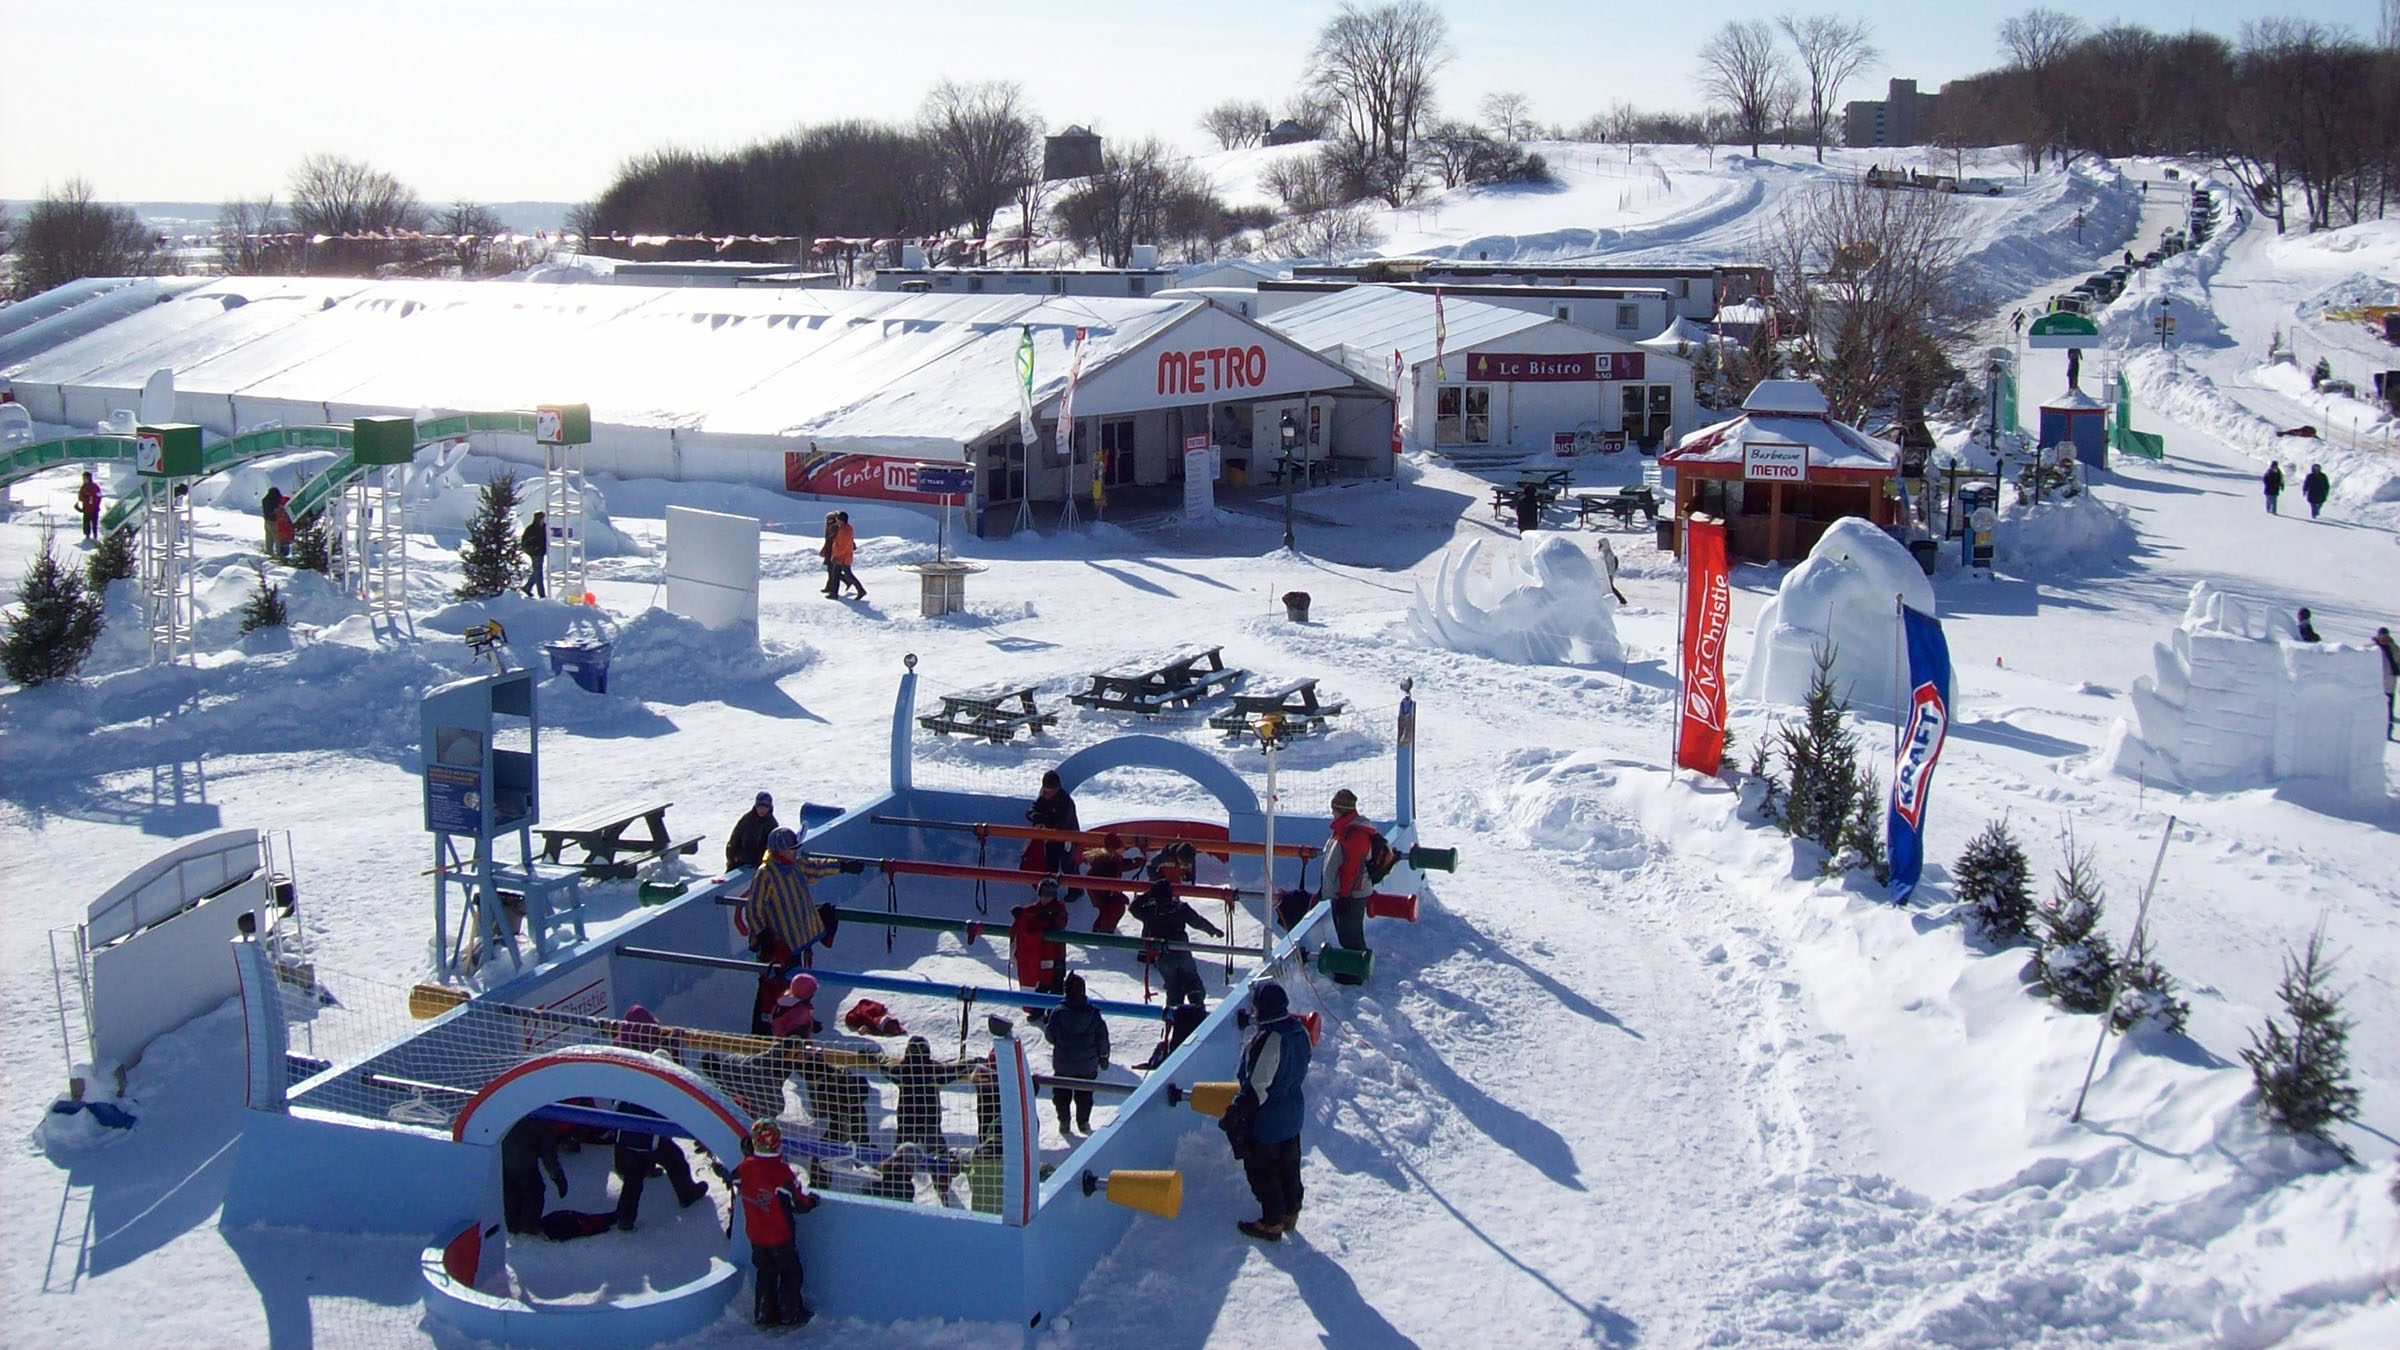 Carnaval de Invierno - Canadá